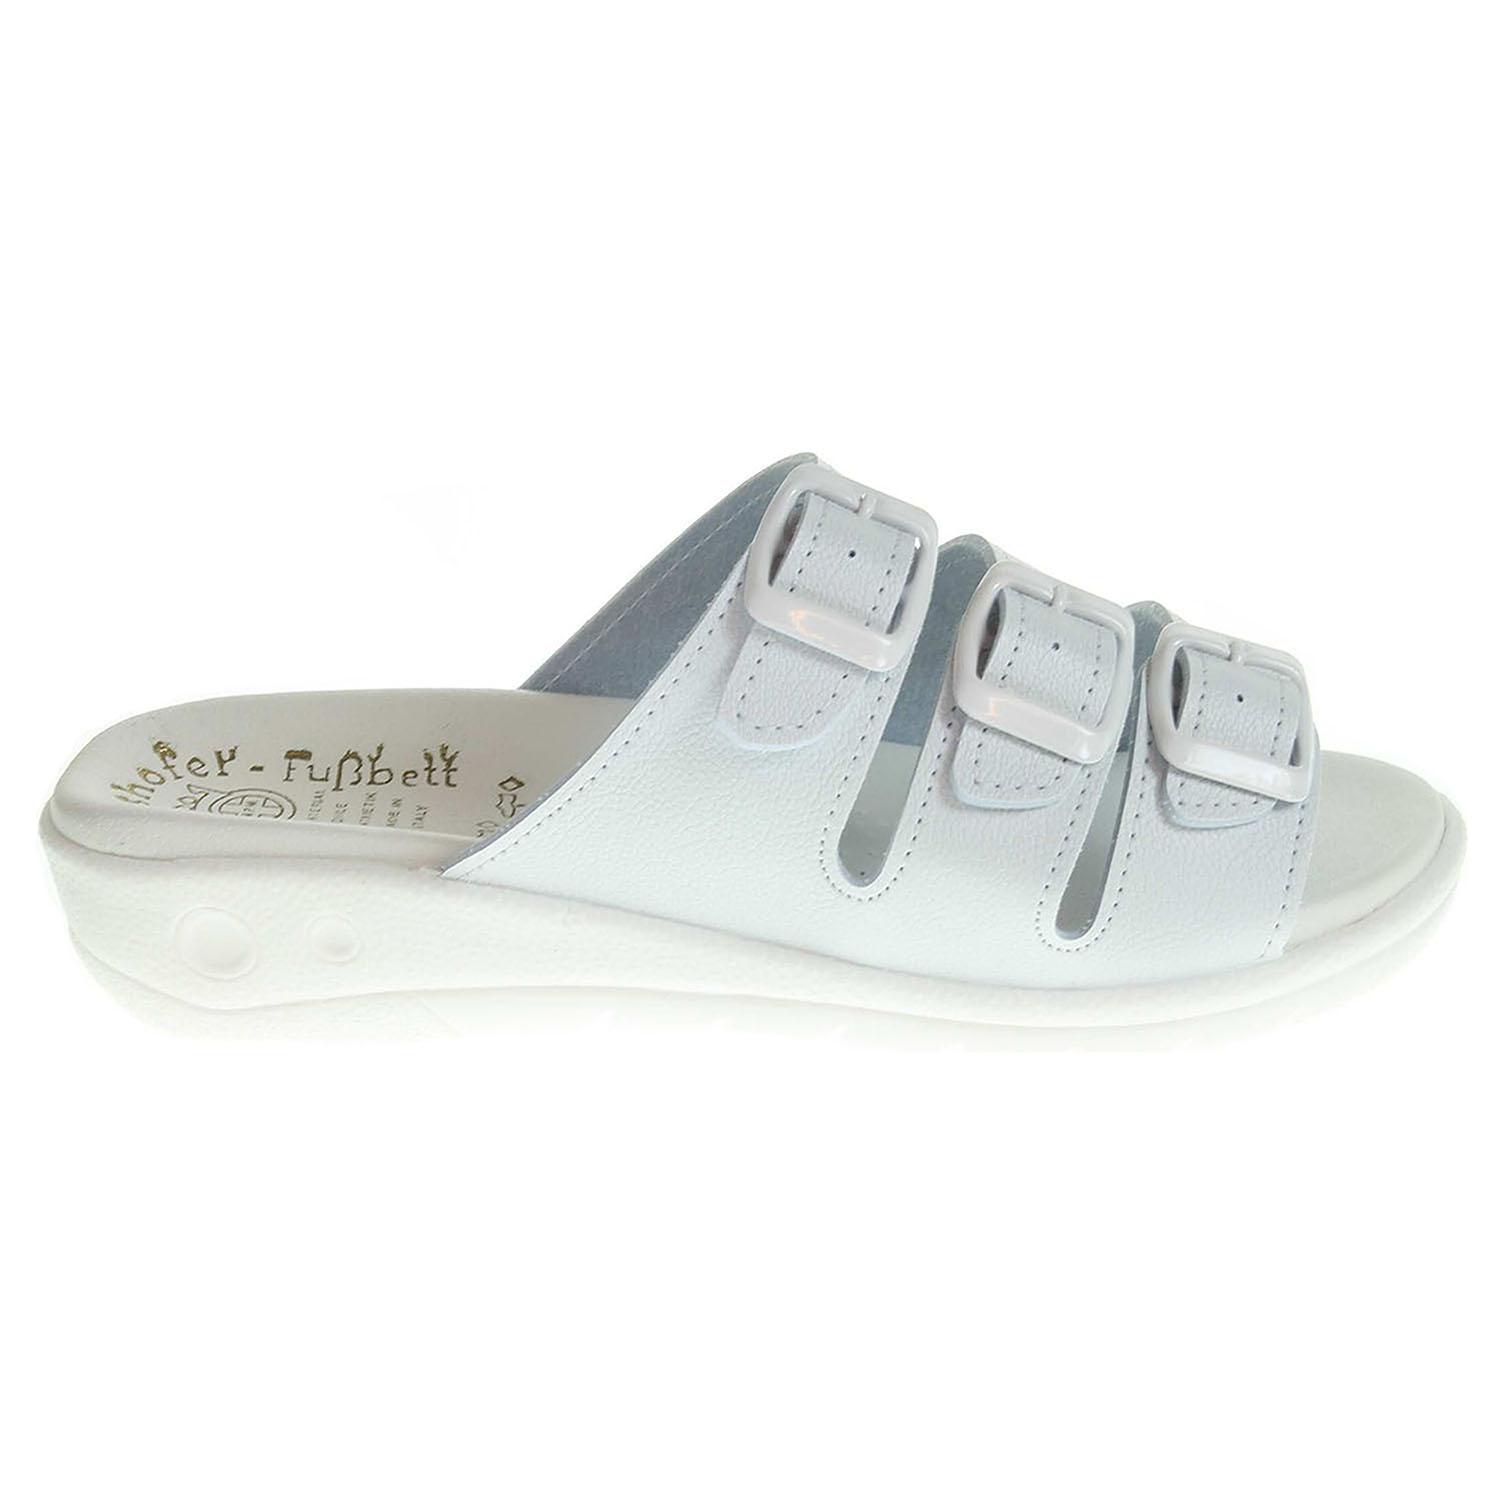 Ecco Dámské pantofle 5-20103 bílé 23400303